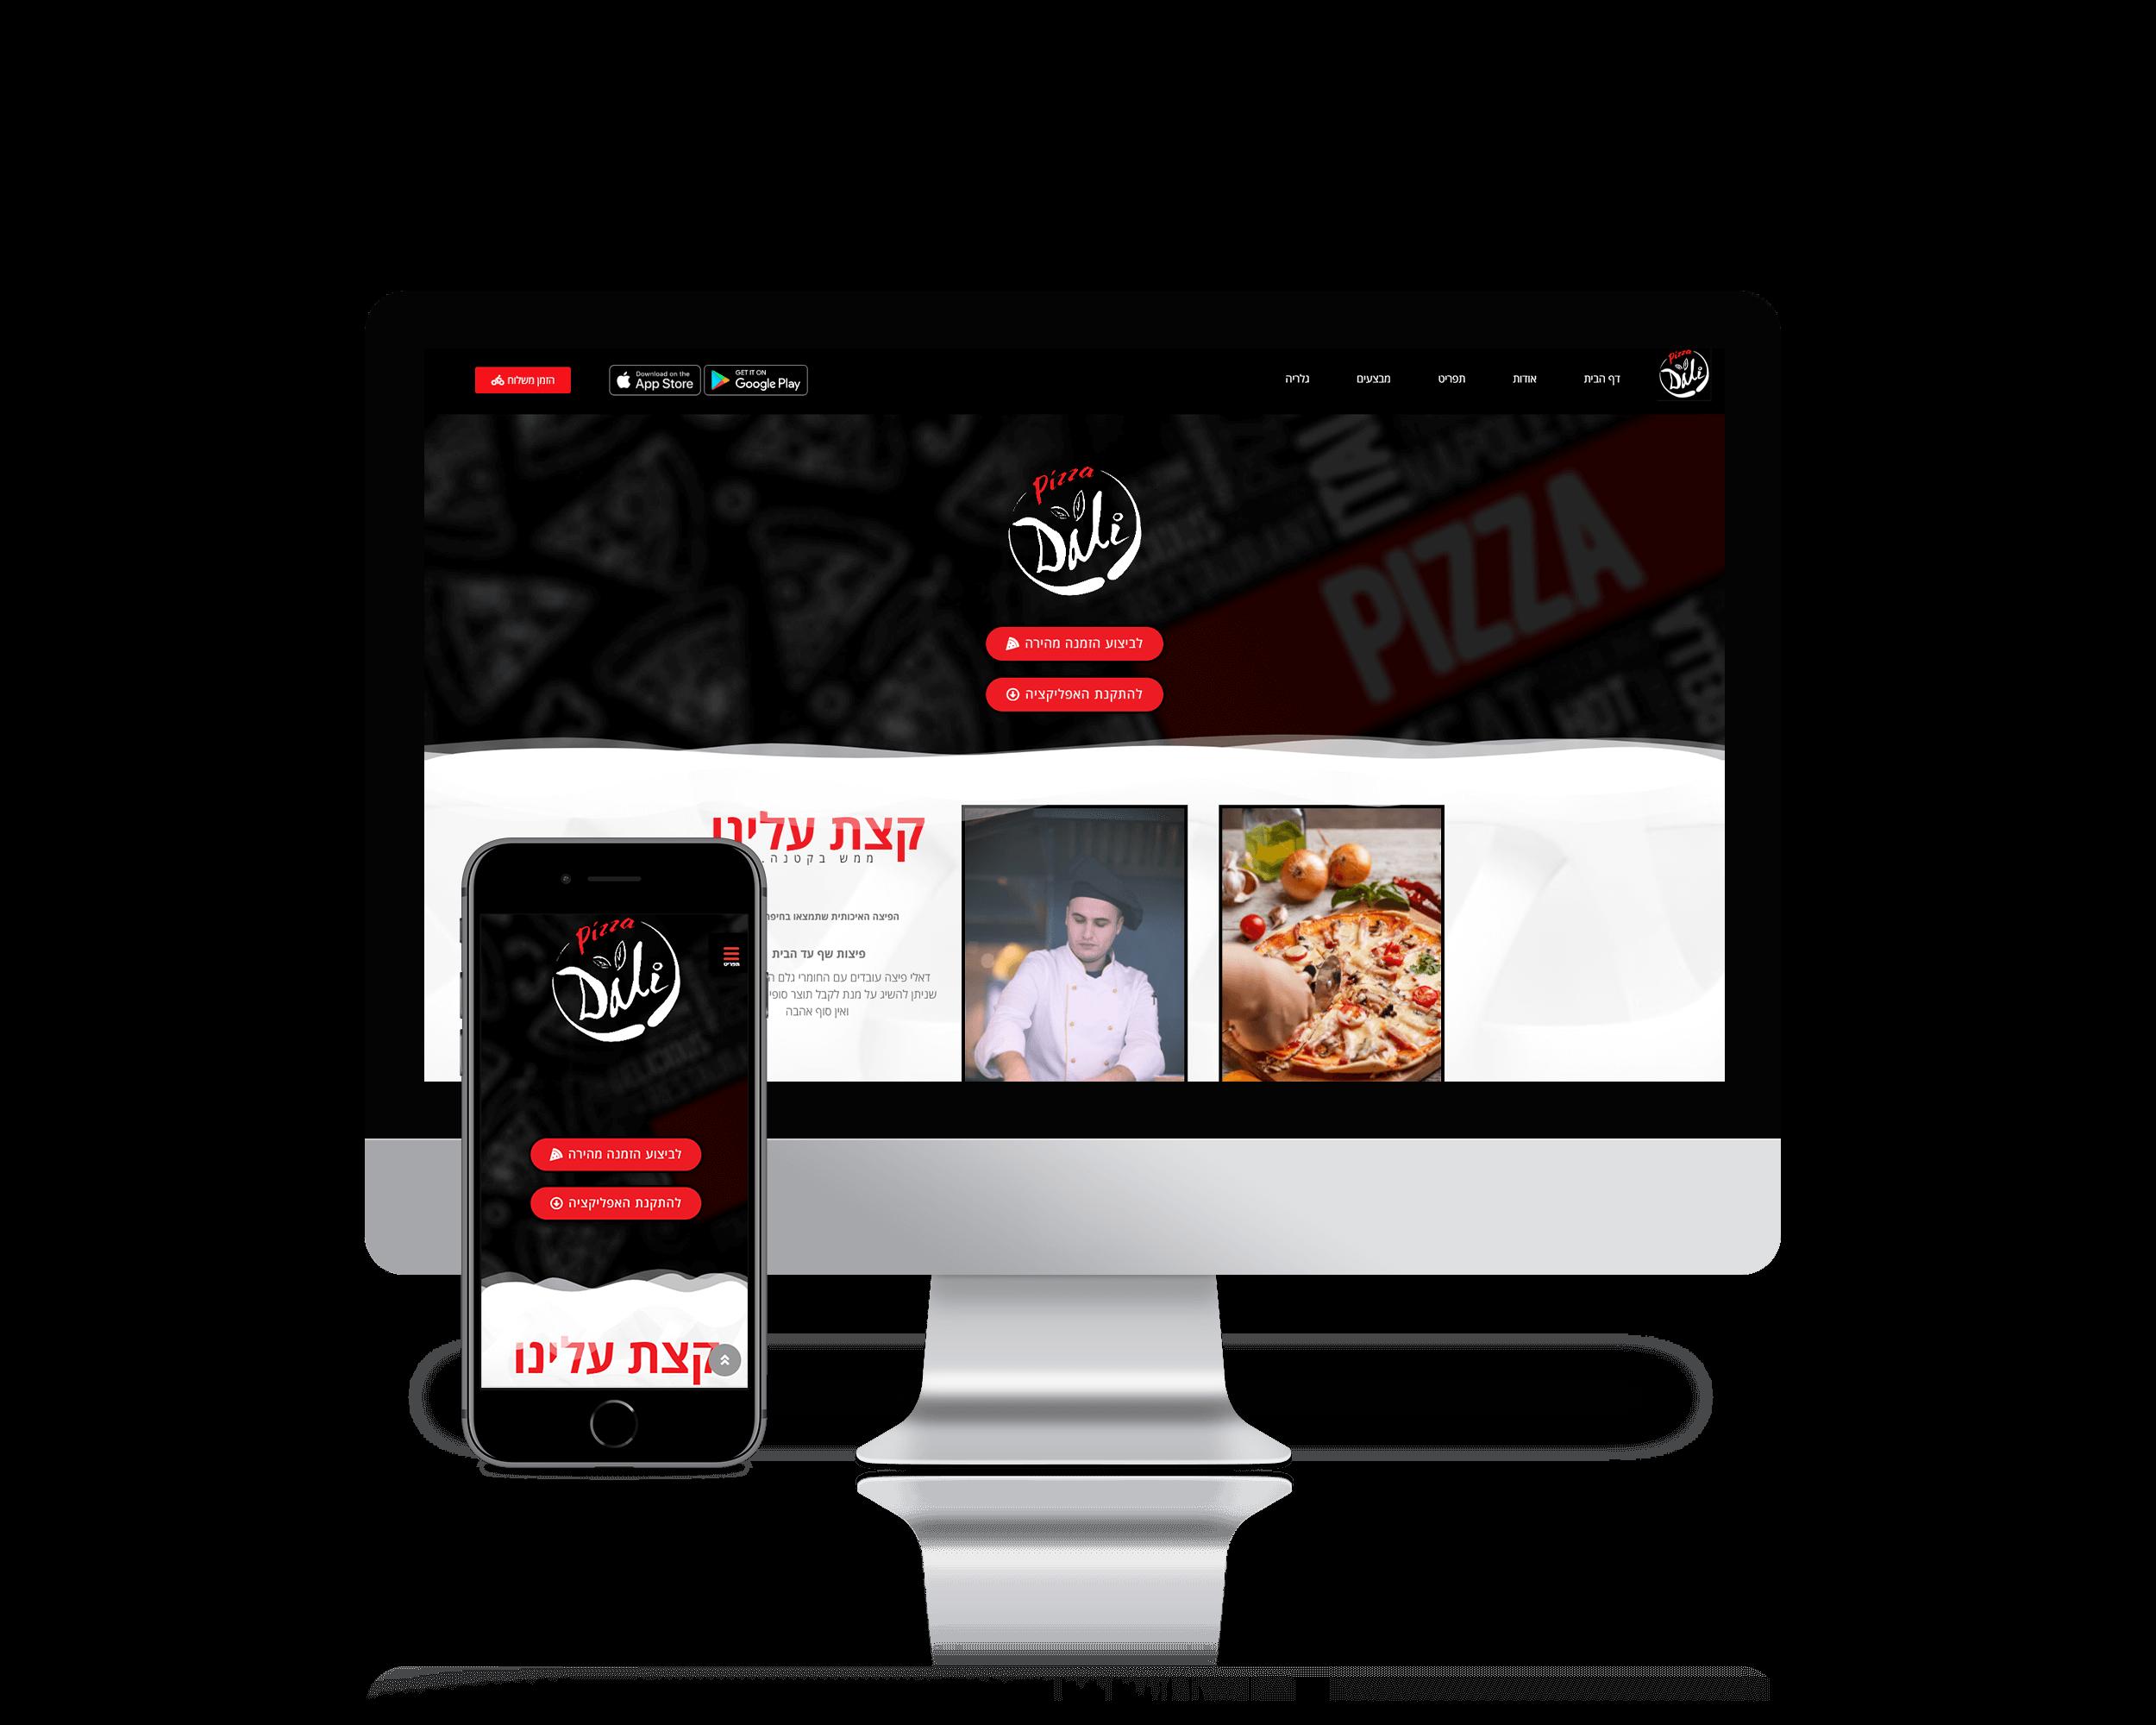 אתר תדמית של דאלי מבין הלקוחות שלנו